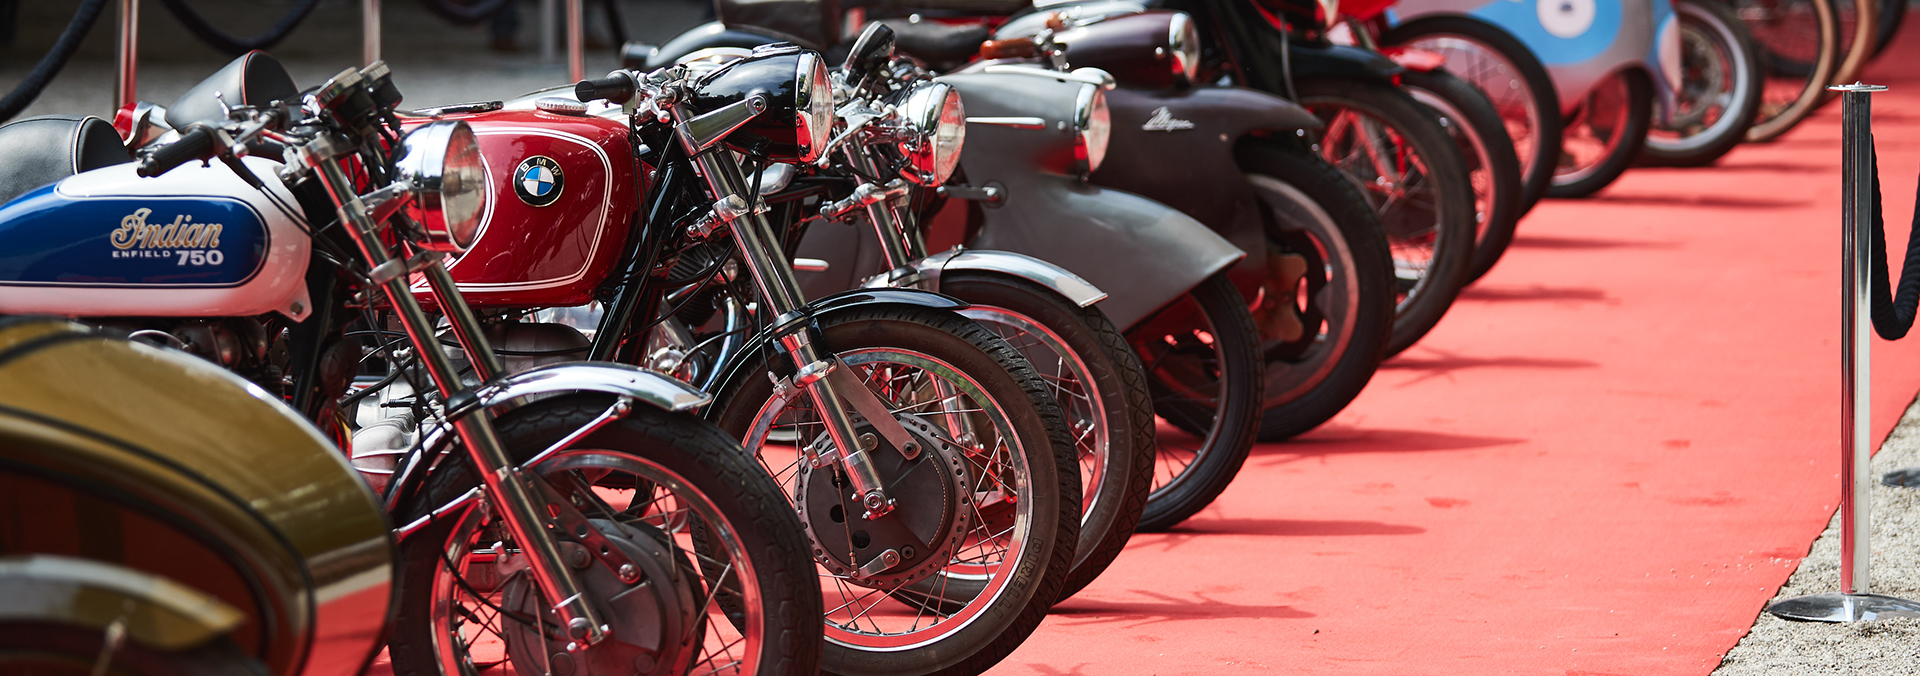 Concorso d'Eleganza Villa d'Este 2018 - Motorcycles